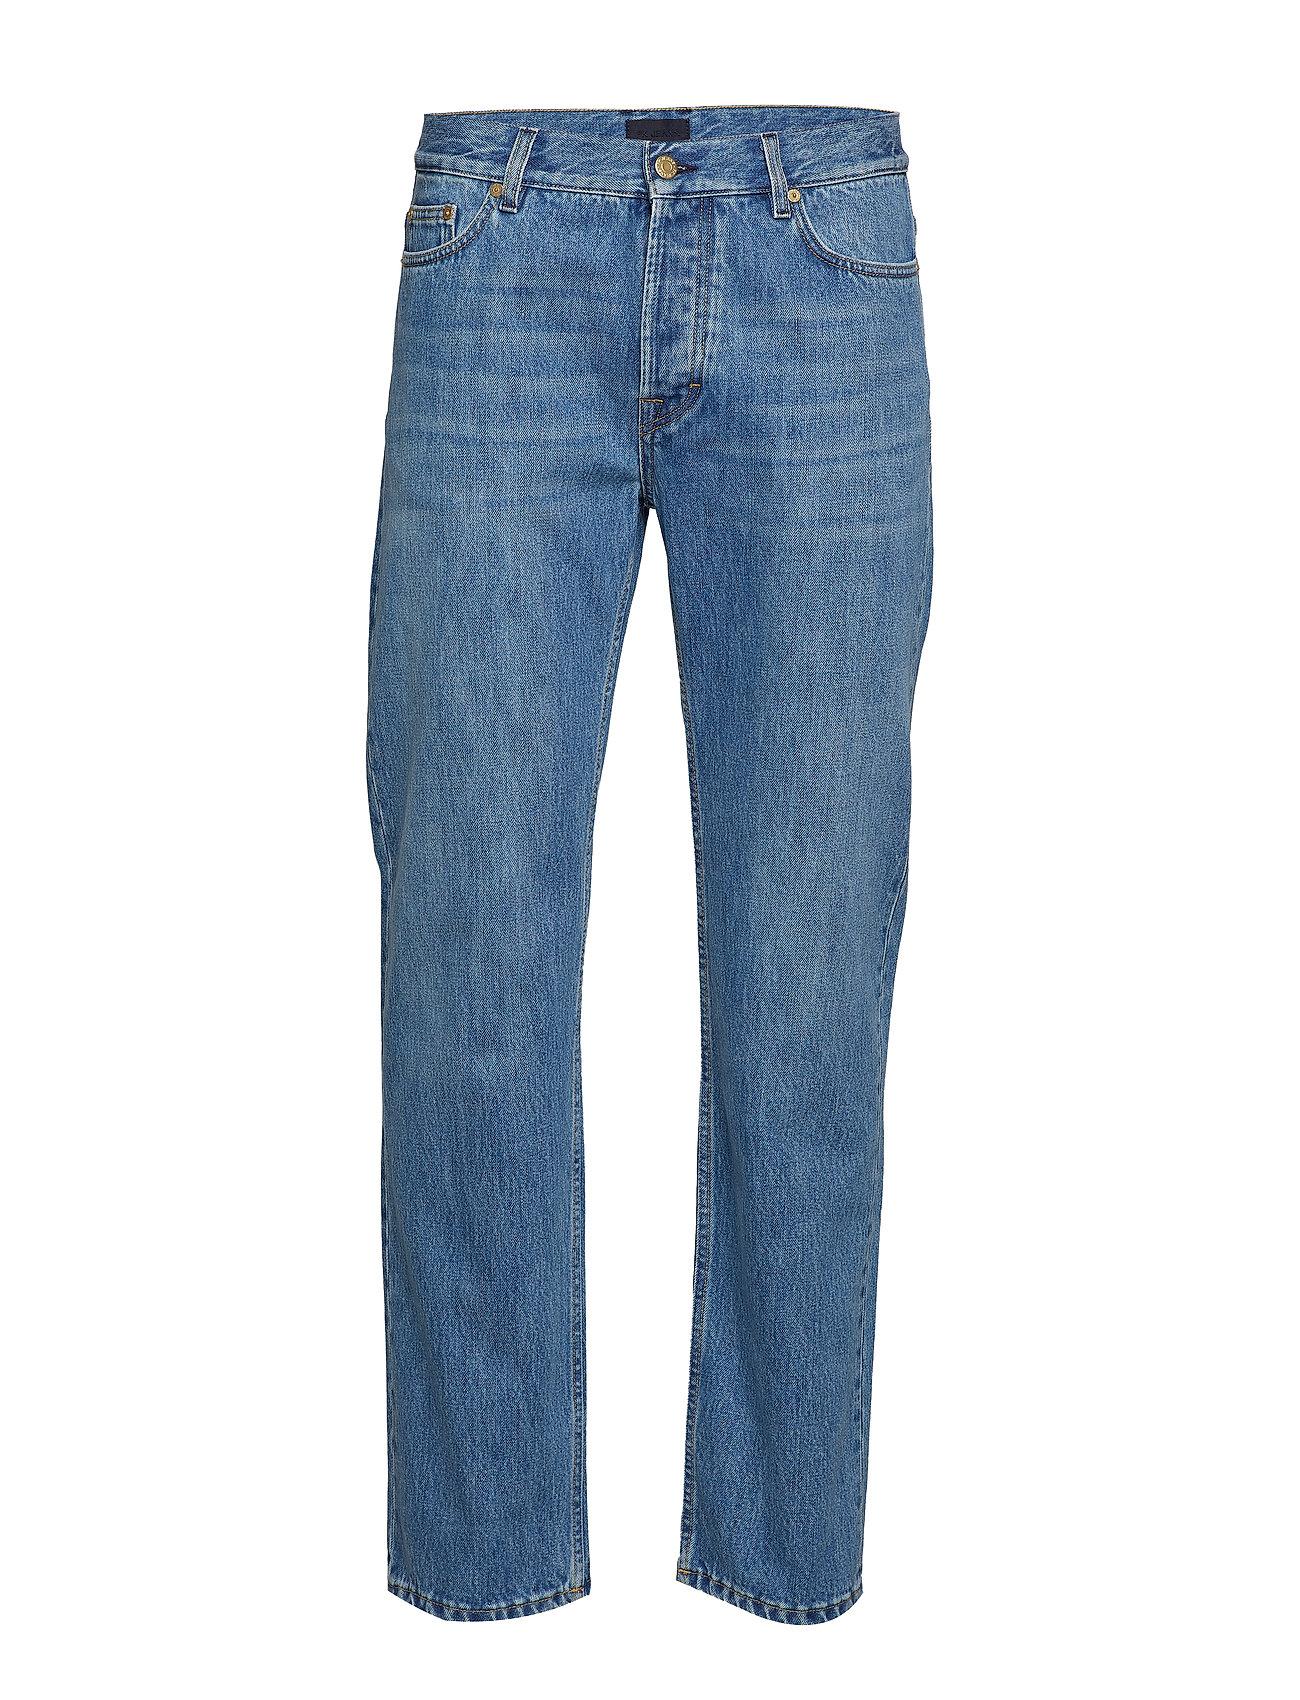 Filippa K M. Benji Stonewash Jeans - HEAVY STON